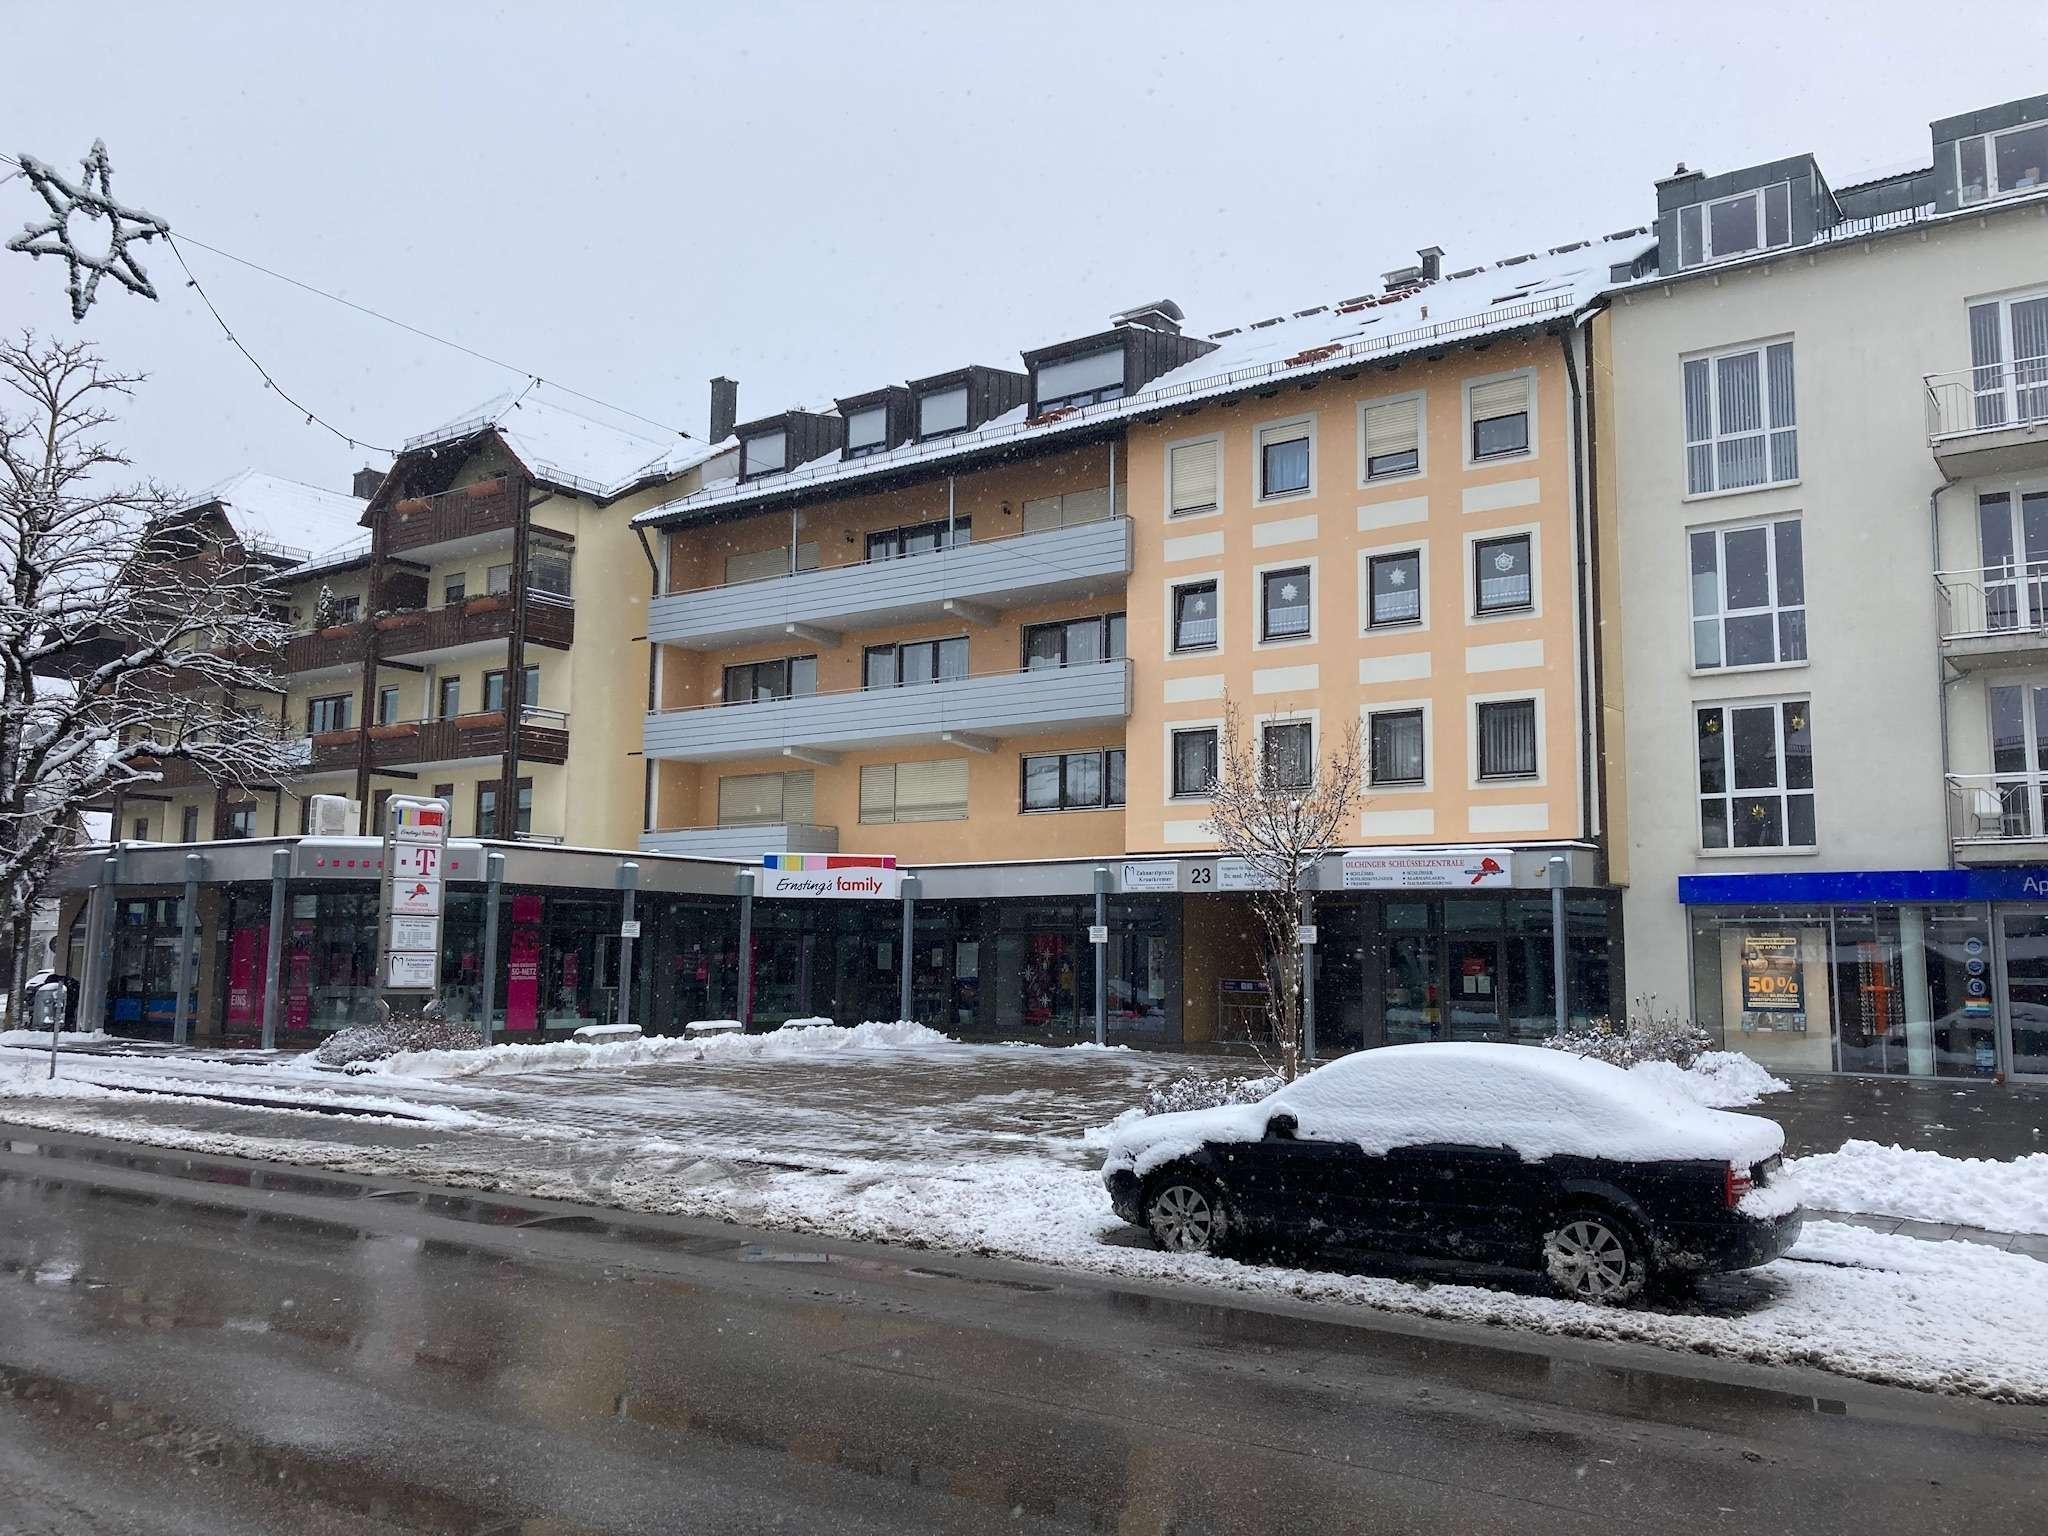 3 Zimmer Wohnung mit Balkon in Olching in